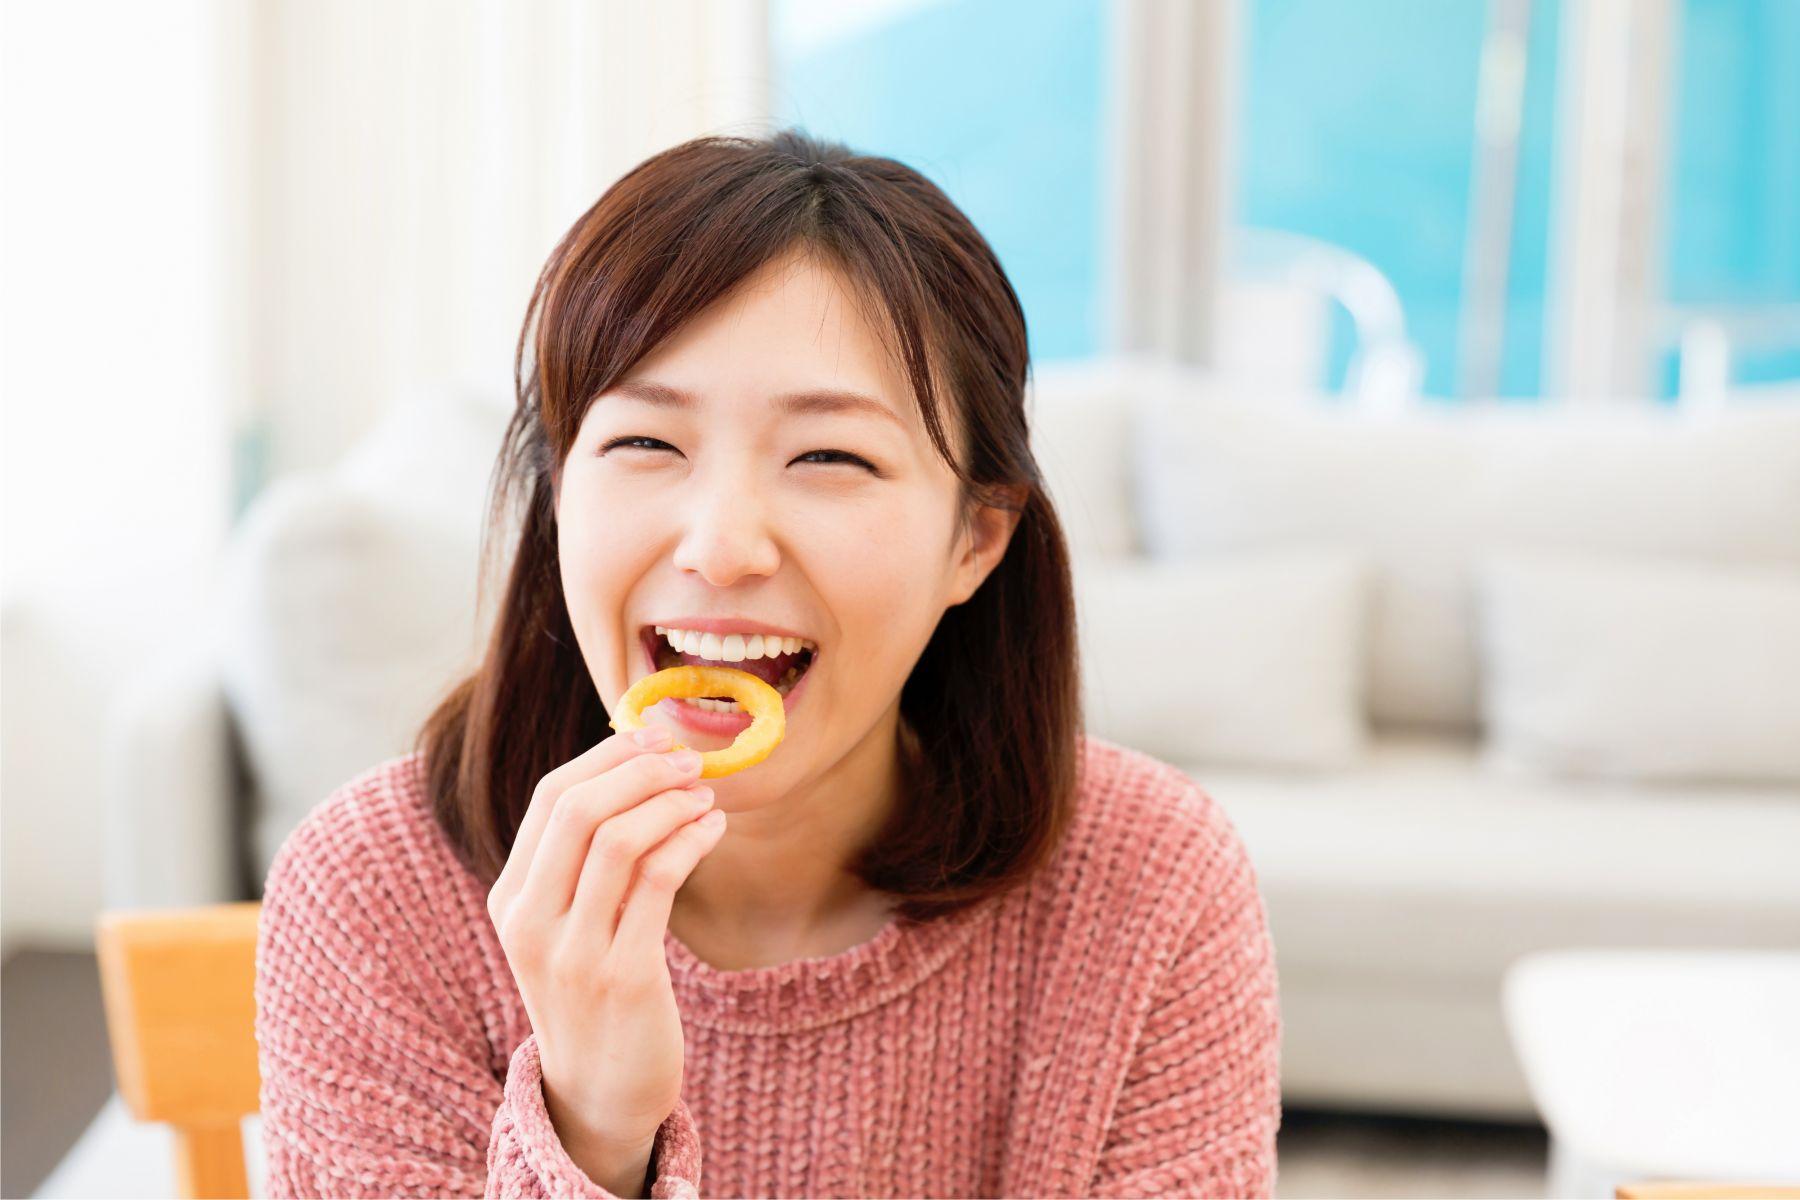 10大最傷身食物!研究報告公佈:恐致癌症、失智症、心臟病,該戒掉